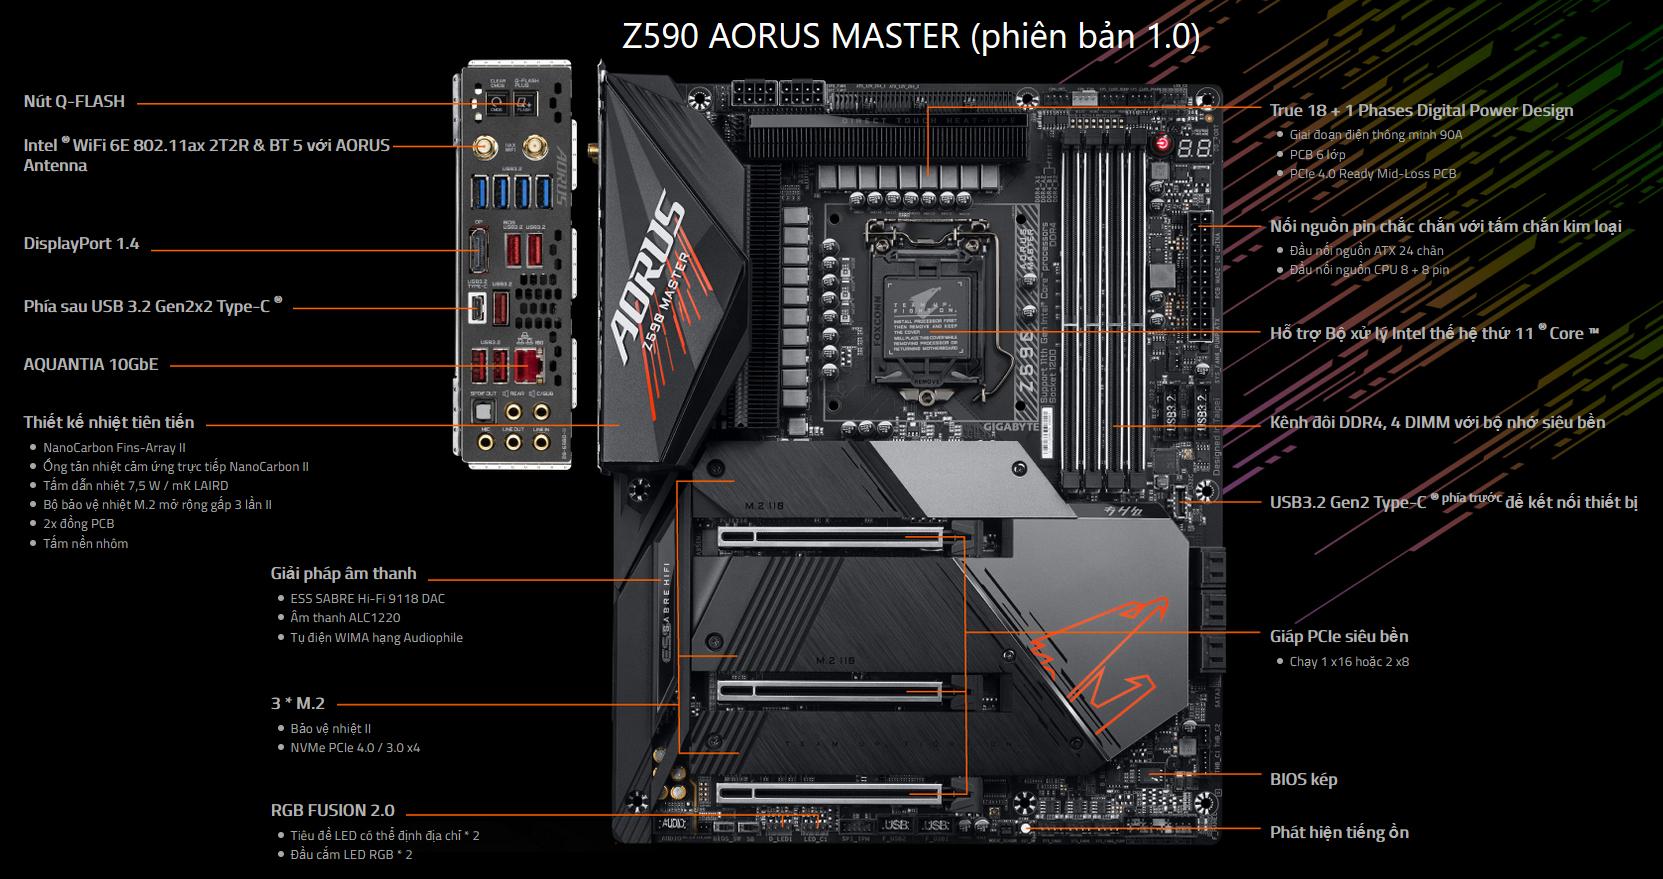 Z590 AORUS MASTER